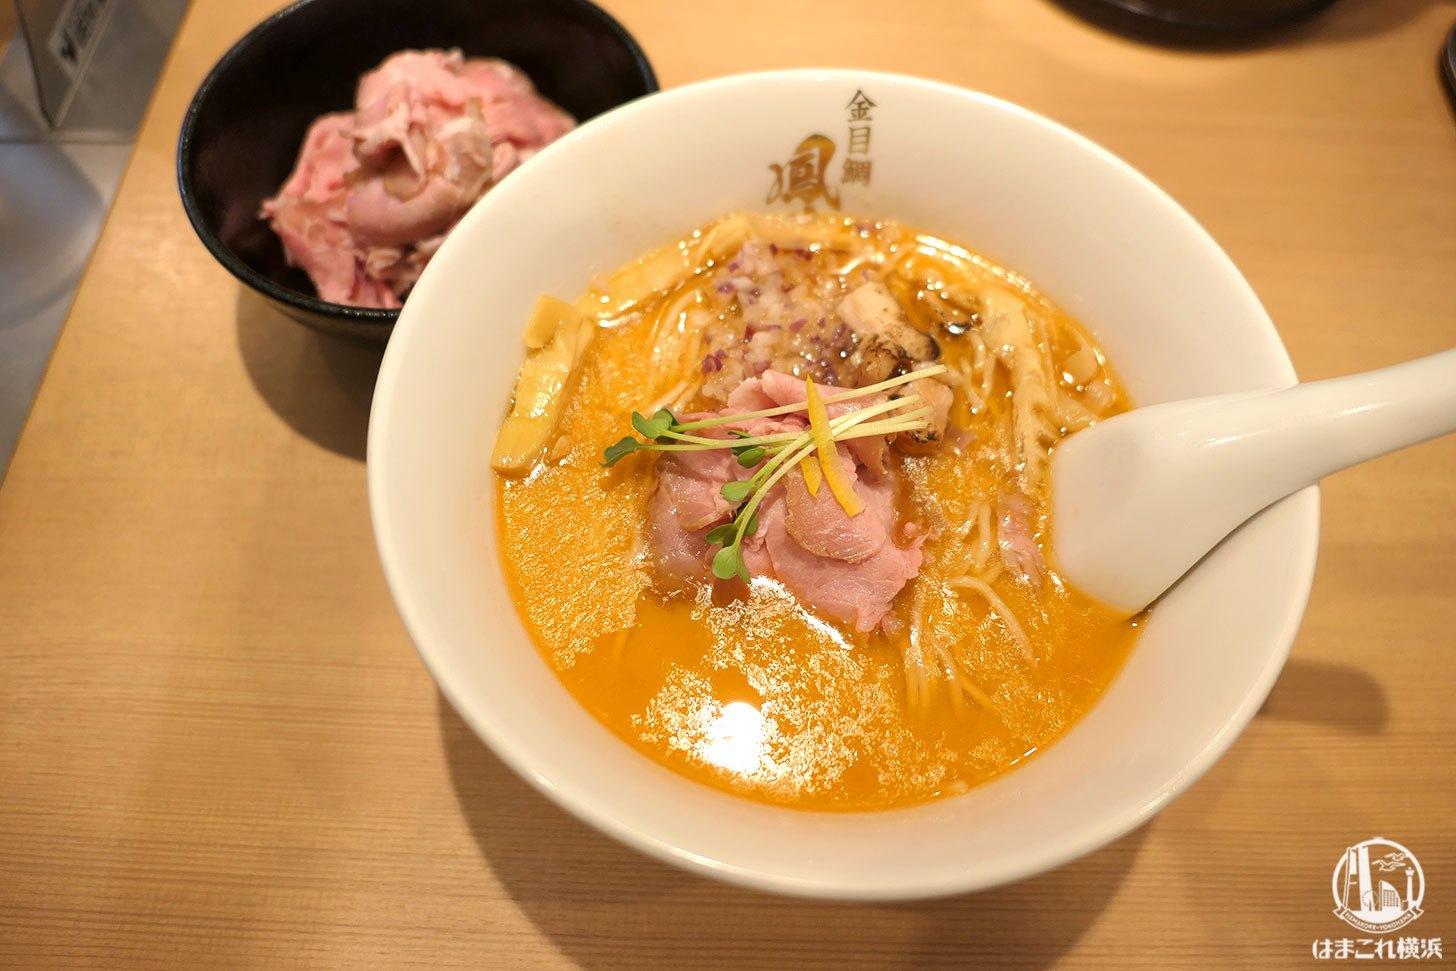 鳳仙花「濃厚白湯 金目鯛らぁ麺」めちゃ旨すぎた!横浜駅西口のラーメン店